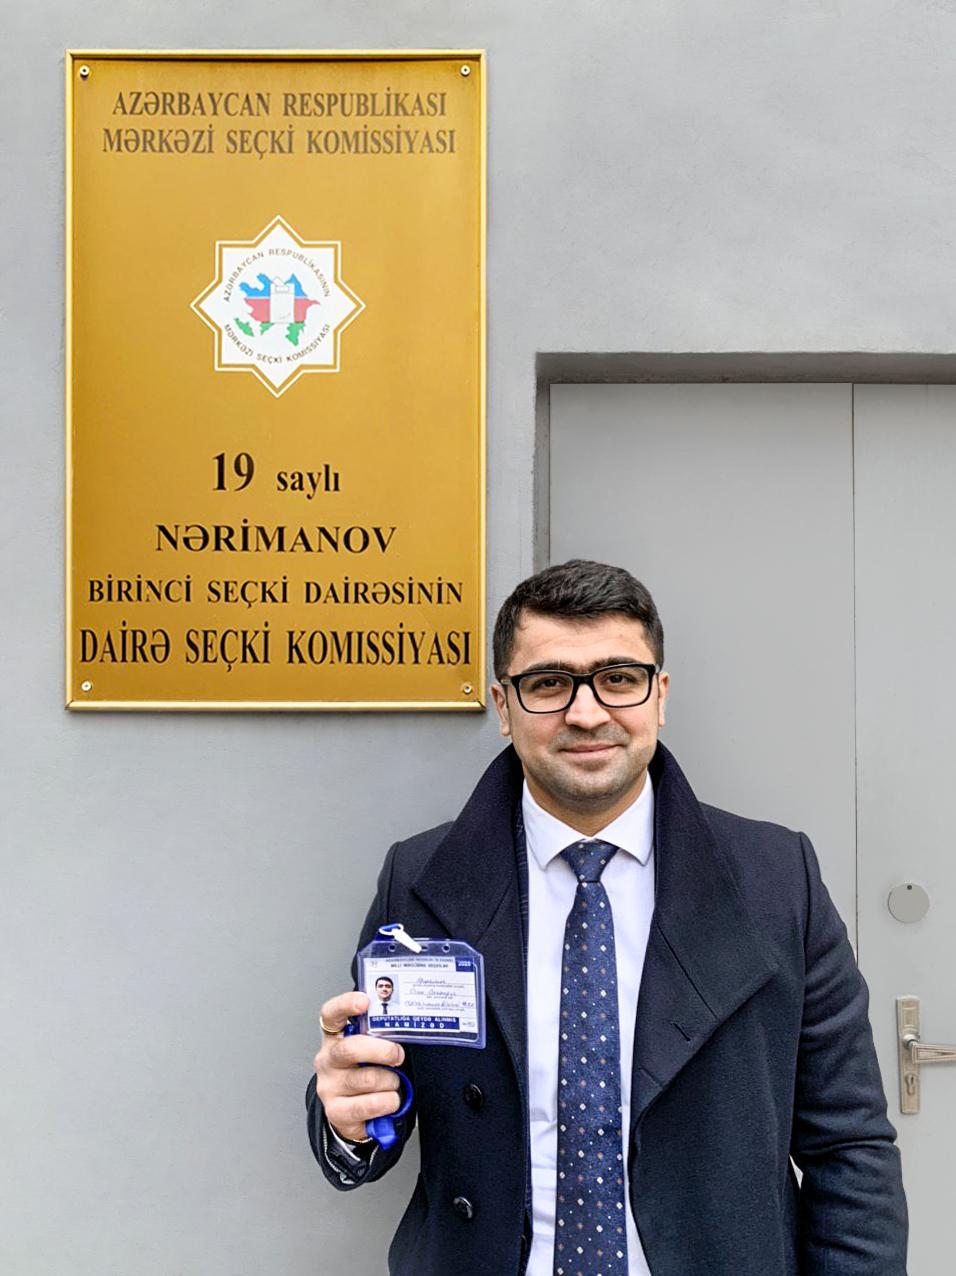 Утверждена кандидатура директора департамента известного банка